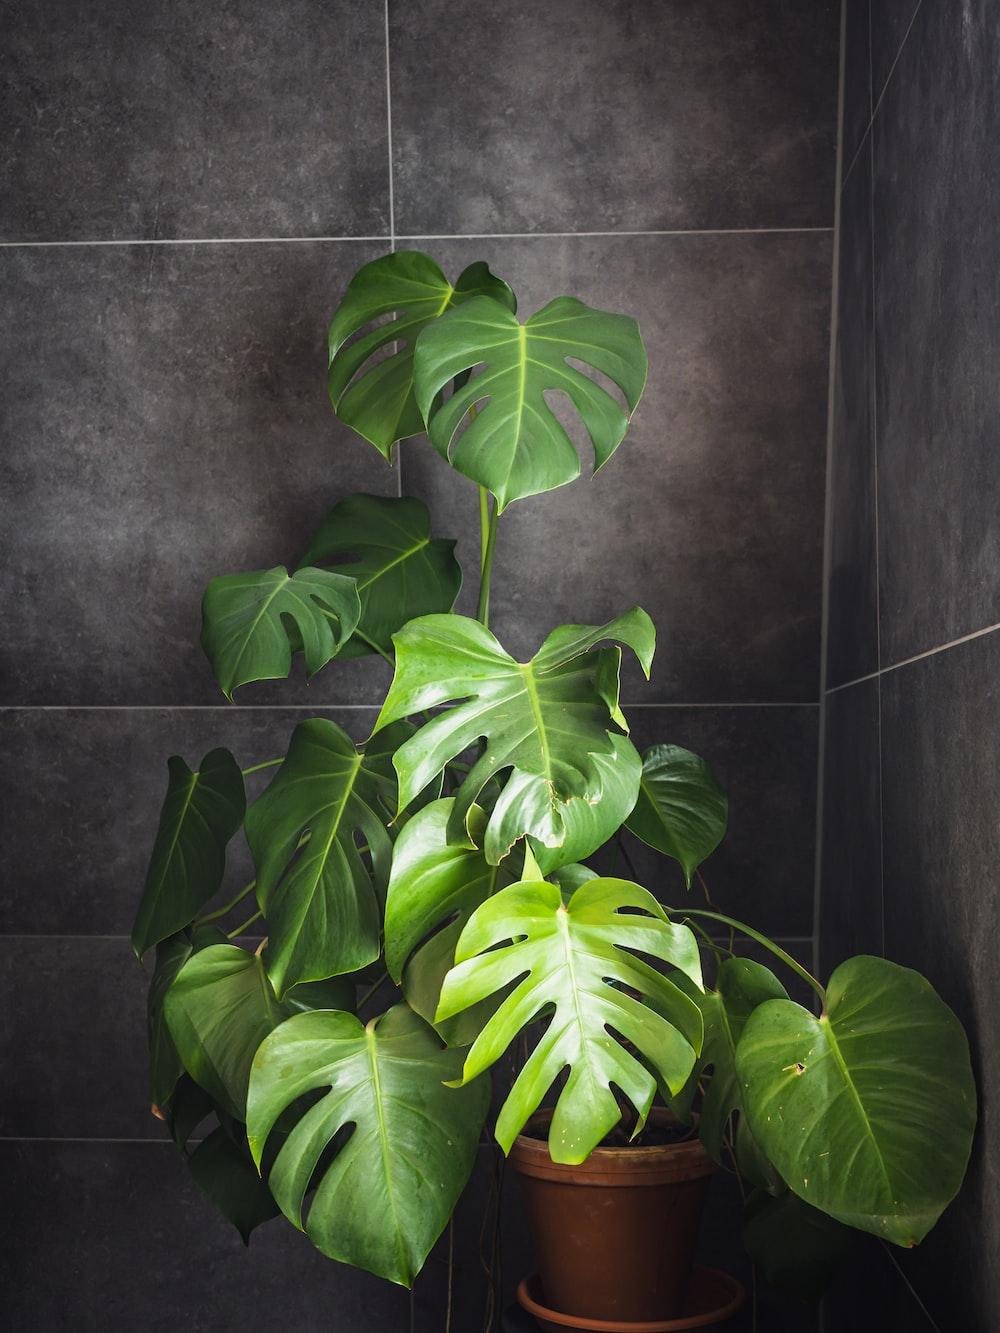 green leaves on black ceramic tiles